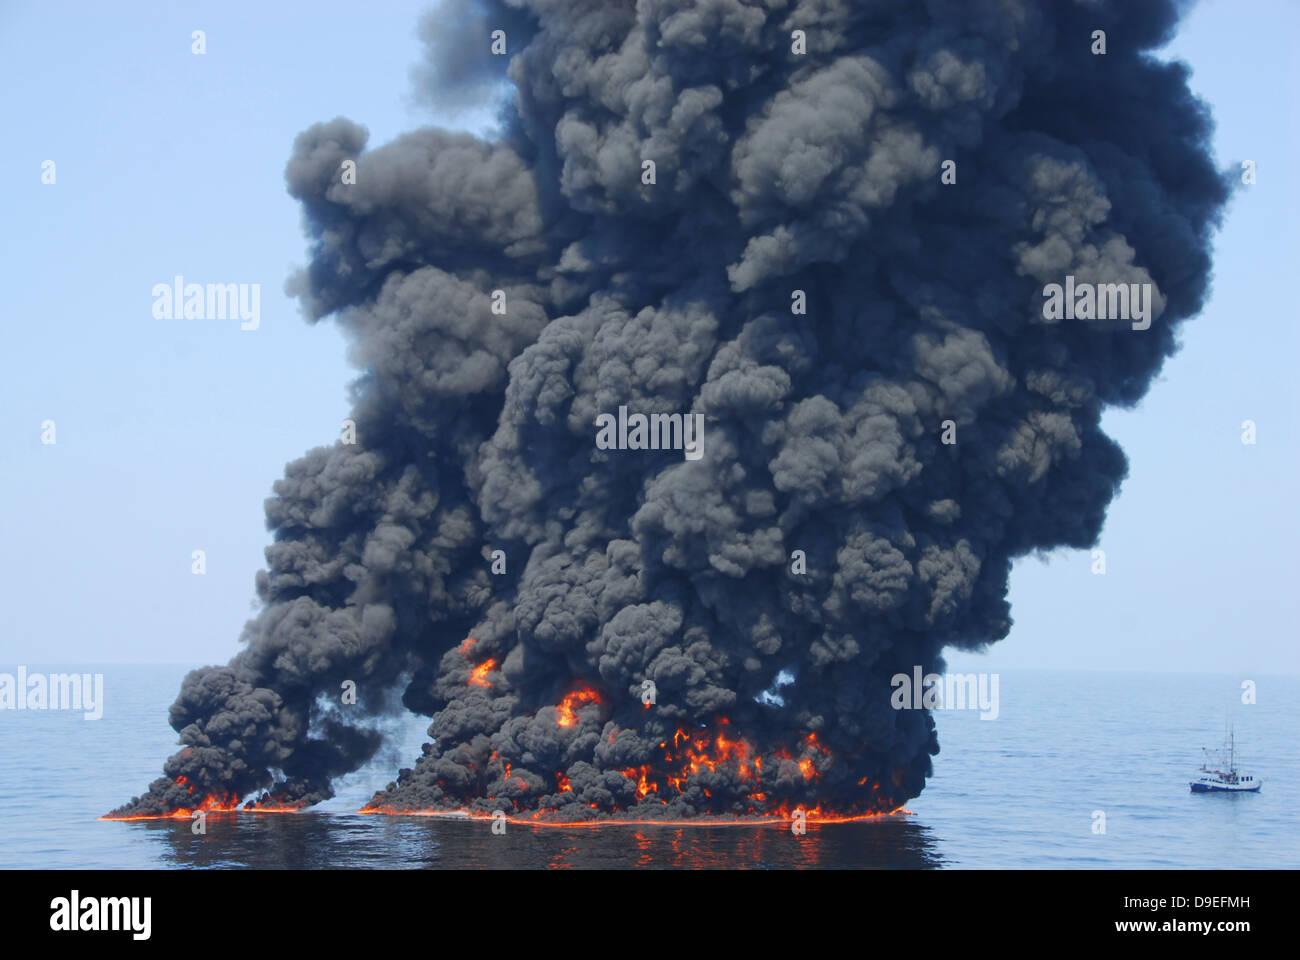 Dunkle Wolken von Rauch und Feuer entstehen, wie bei einem kontrollierten Brand in den Golf von Mexiko Öl verbrennt. Stockbild